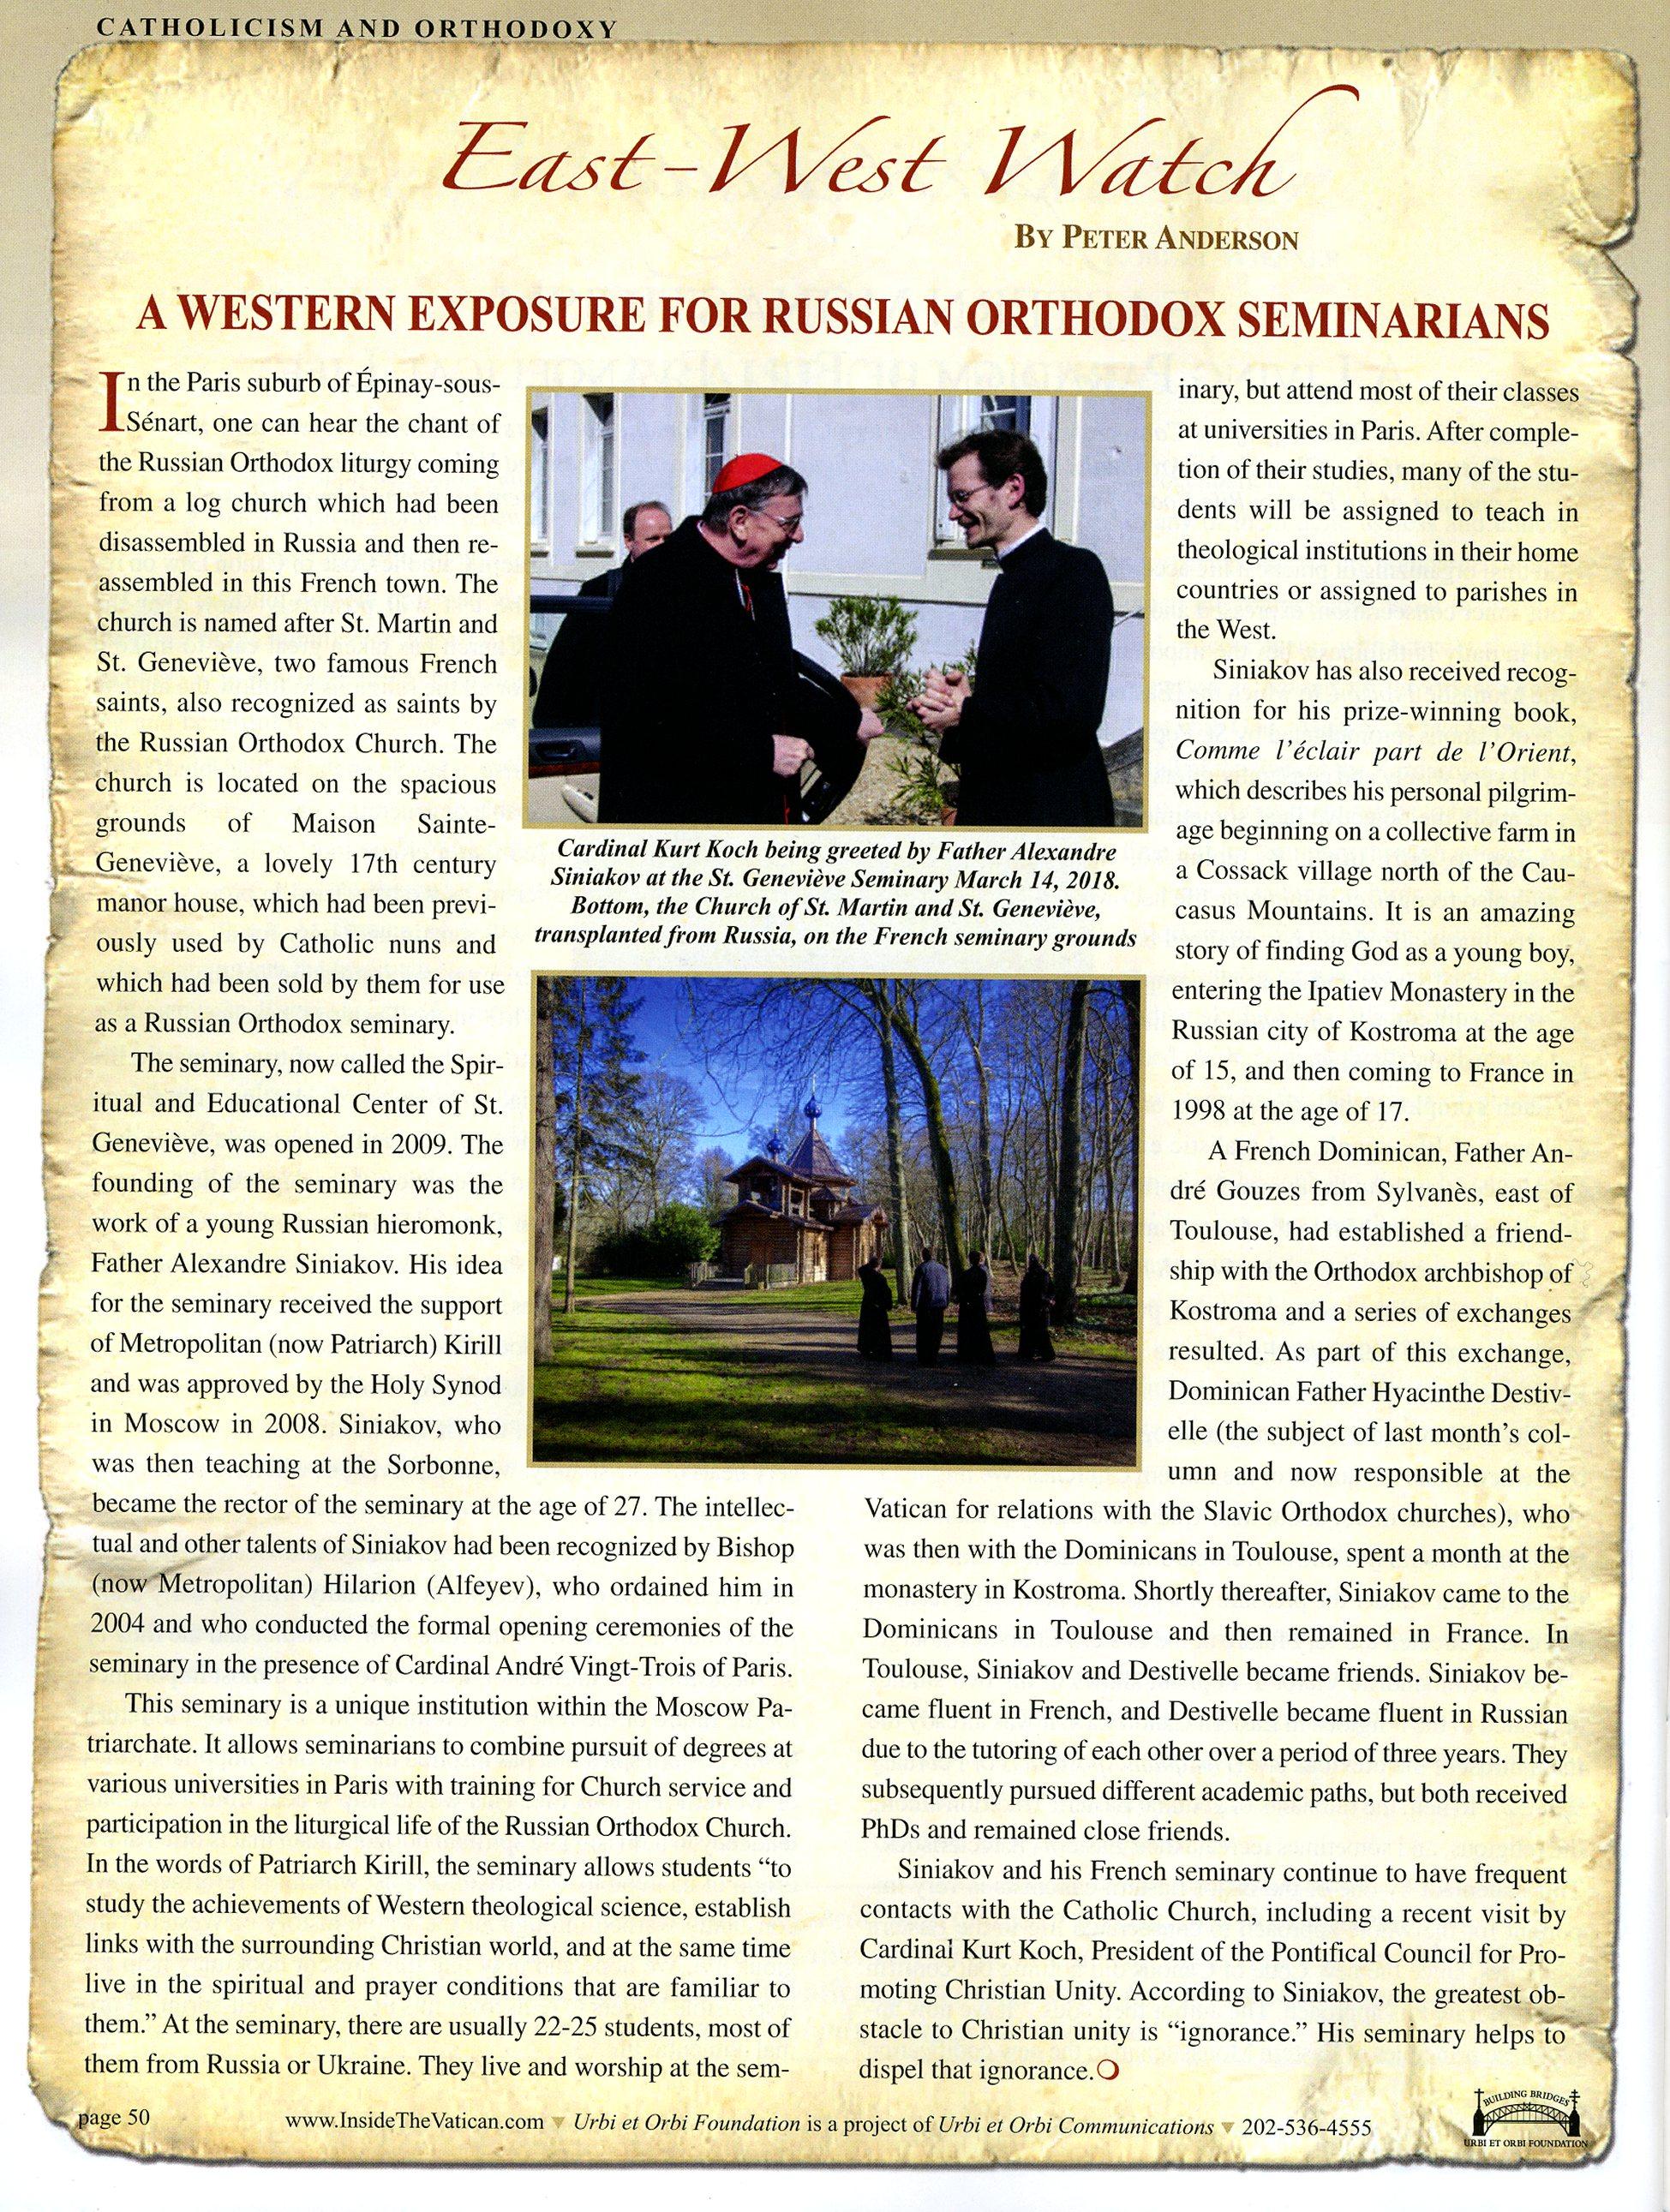 """Article sur le Séminaire dans la revue catholique américaine """"Inside the Vatican"""""""